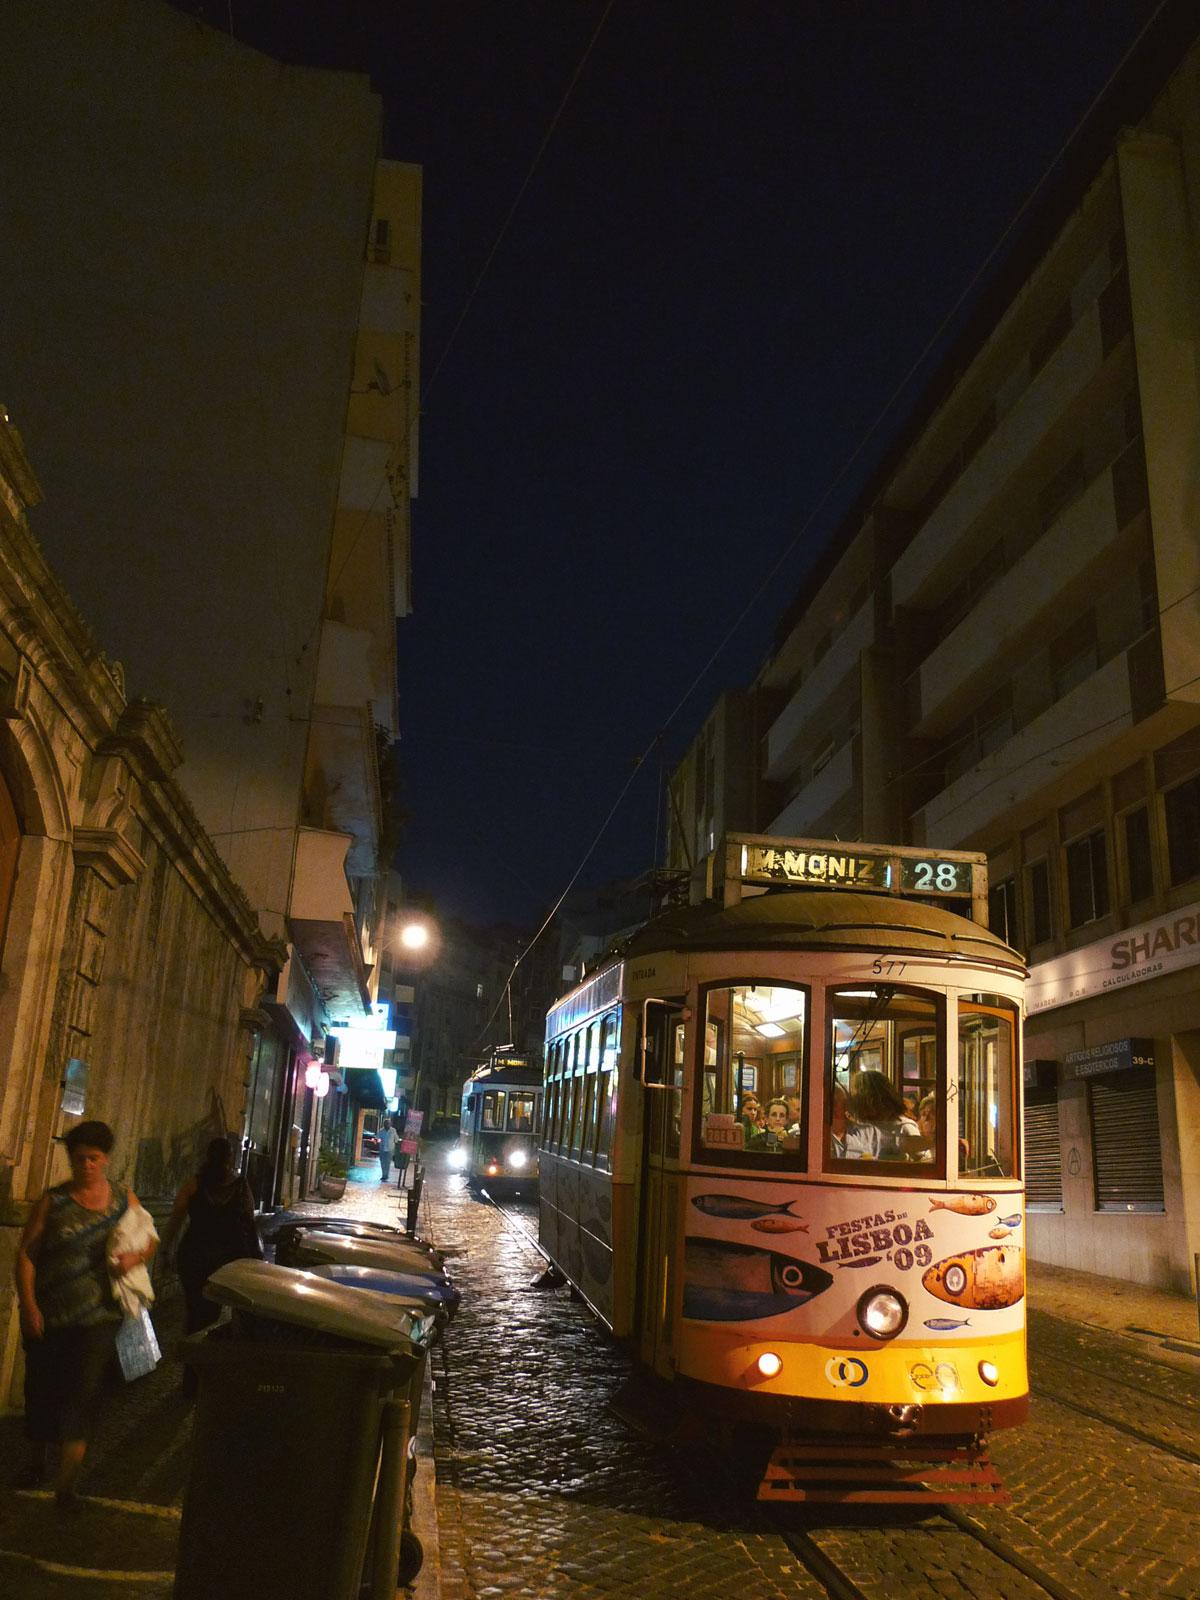 すっかり日が落ちたリスボンの裏通りを走る28番線の路面電車 撮影:DMC-LX3